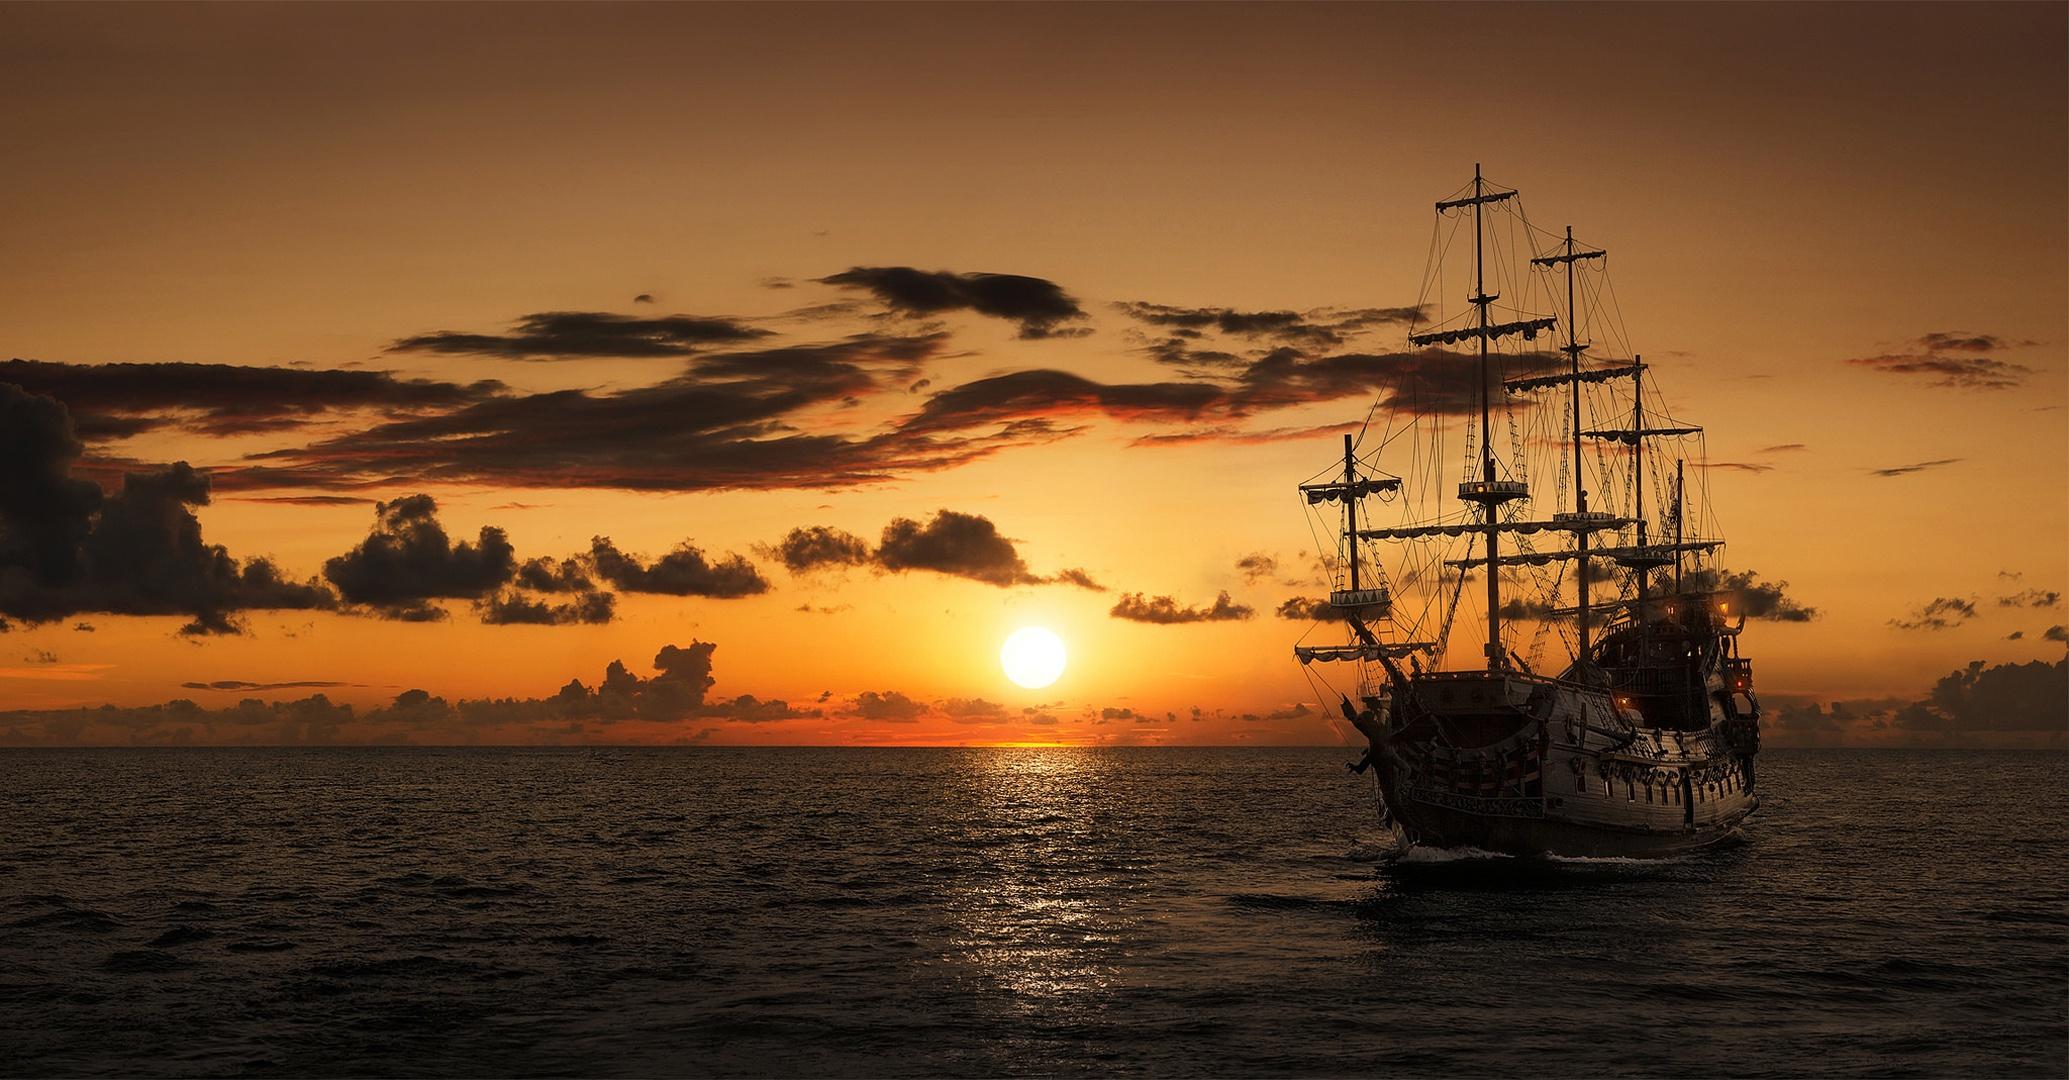 корабли на закате  № 3504027 загрузить